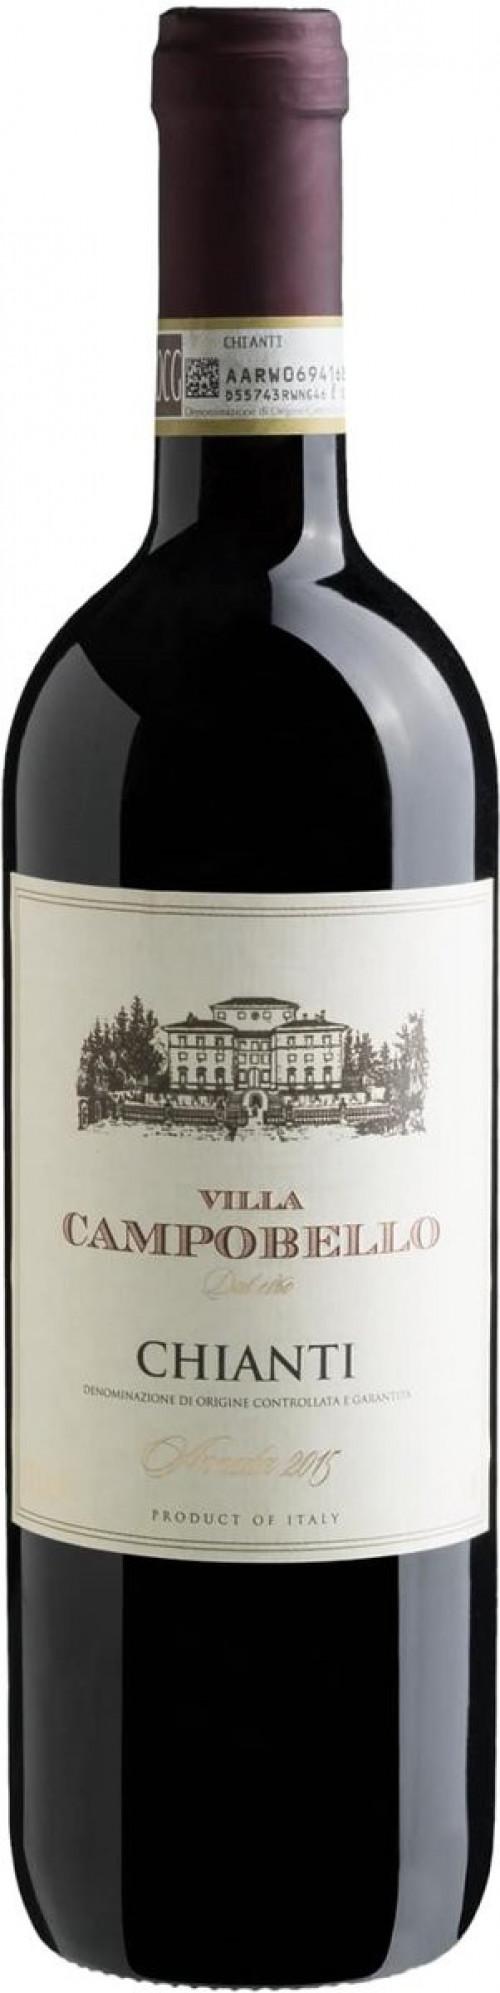 Villa Campobello Chianti 750ml